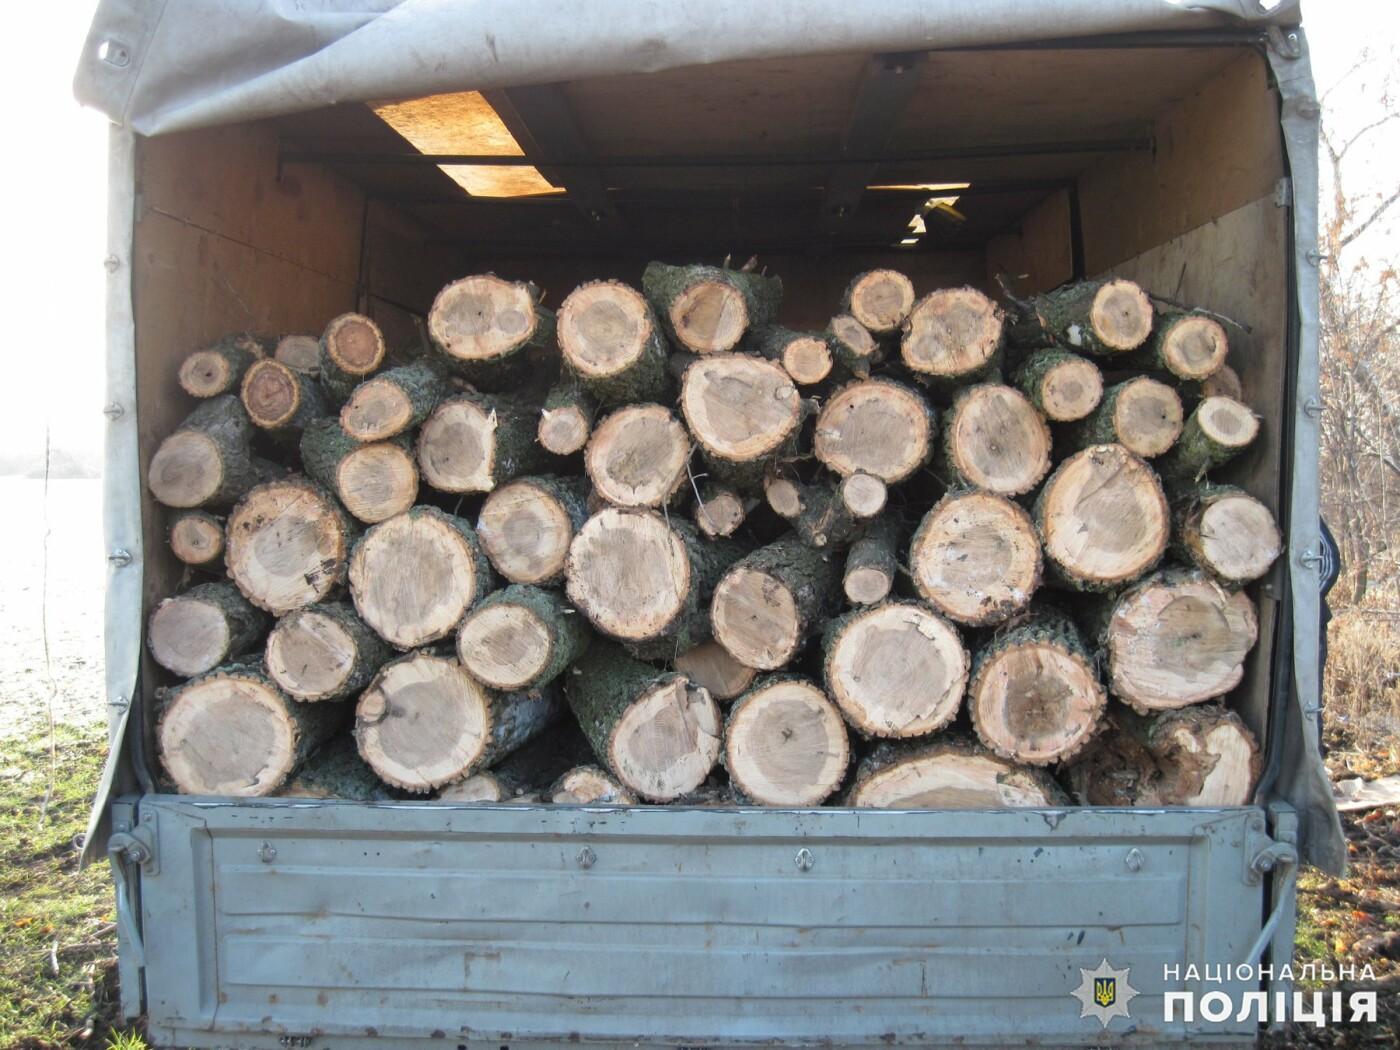 Дружковка: Незаконную вырубку леса пресекли полицейские в поселке Райское (ФОТО), фото-1